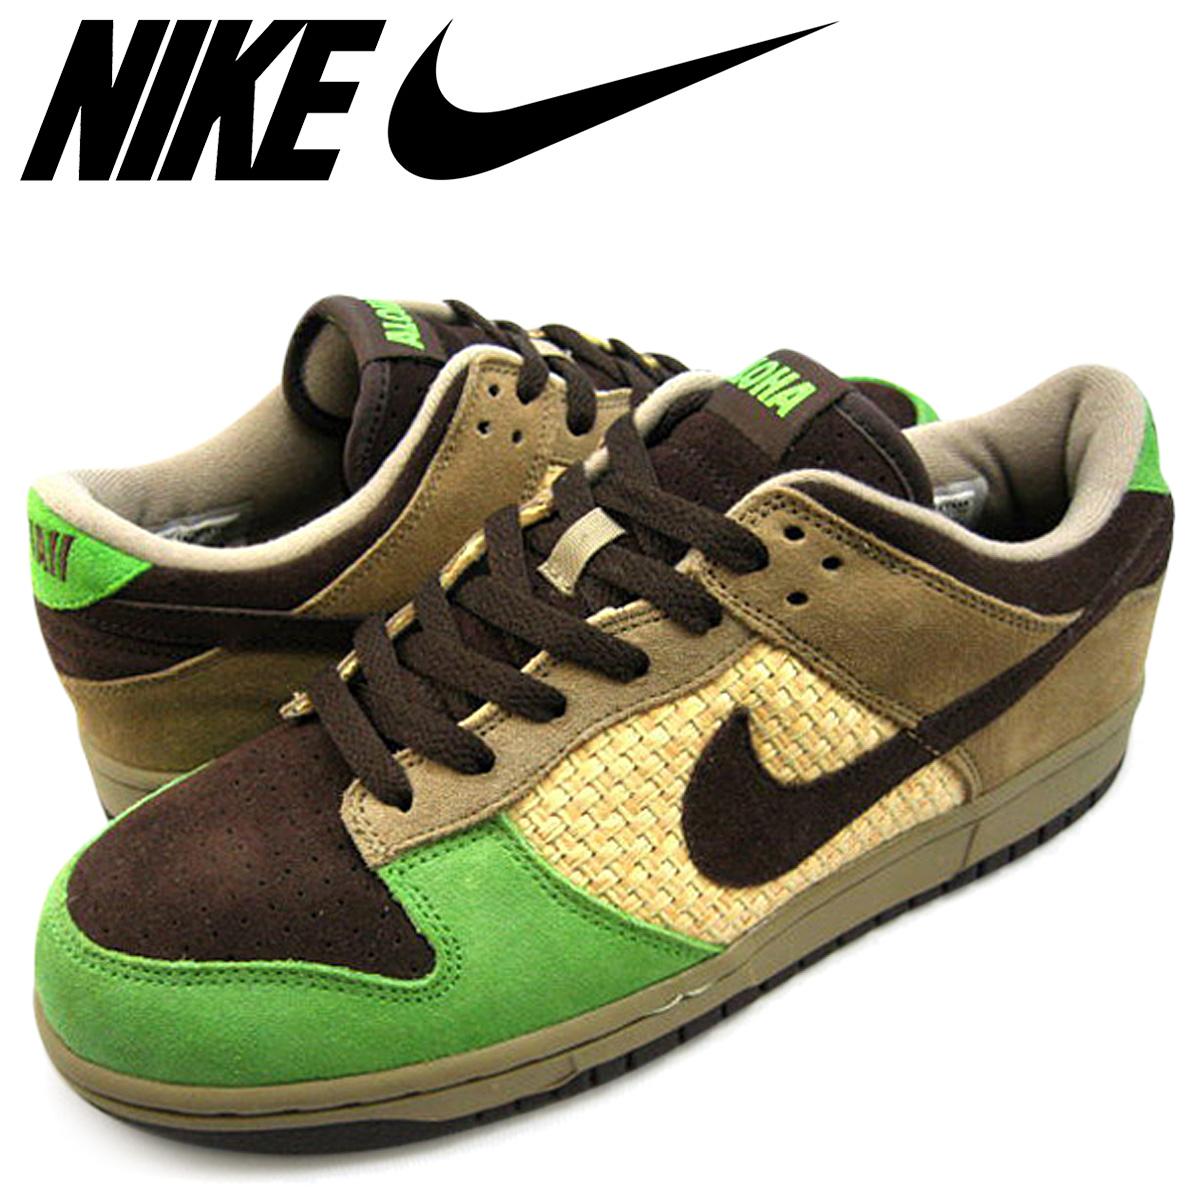 Nike Dunk Produkte online Shop & Outlet | LadenZeile